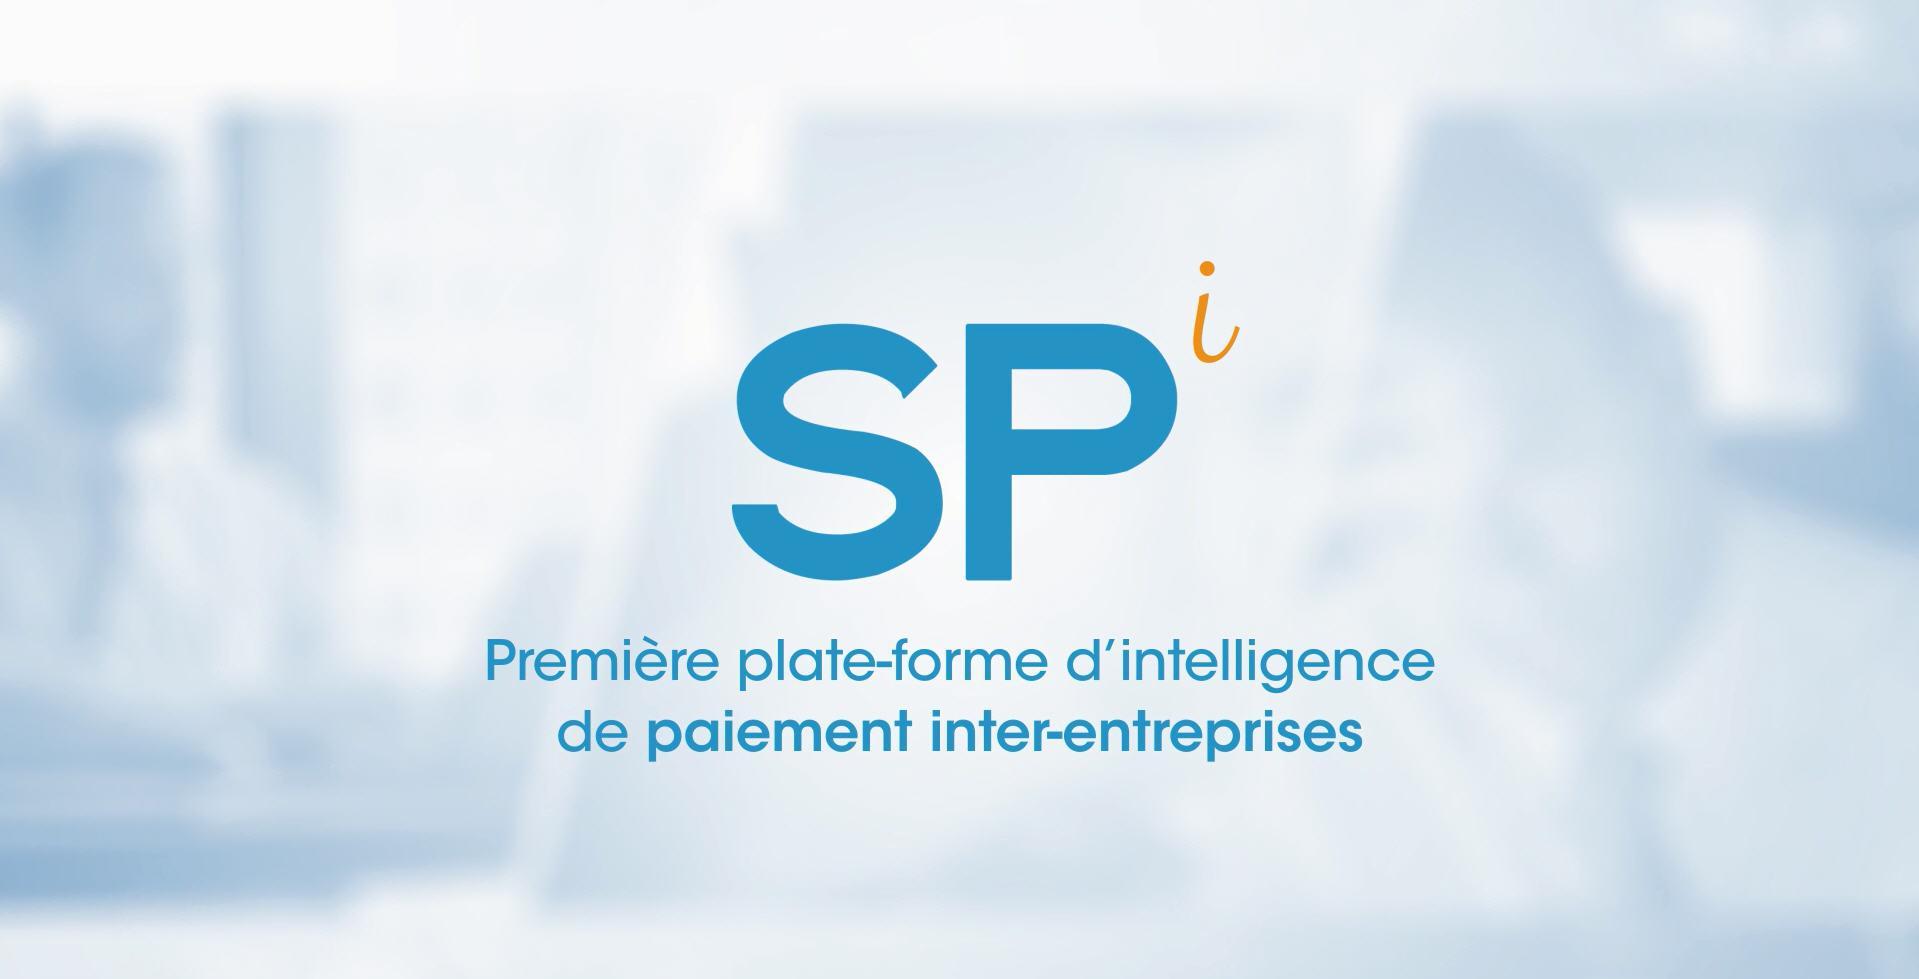 Sidetrade Payment Intelligence - screen shot  1.jpg